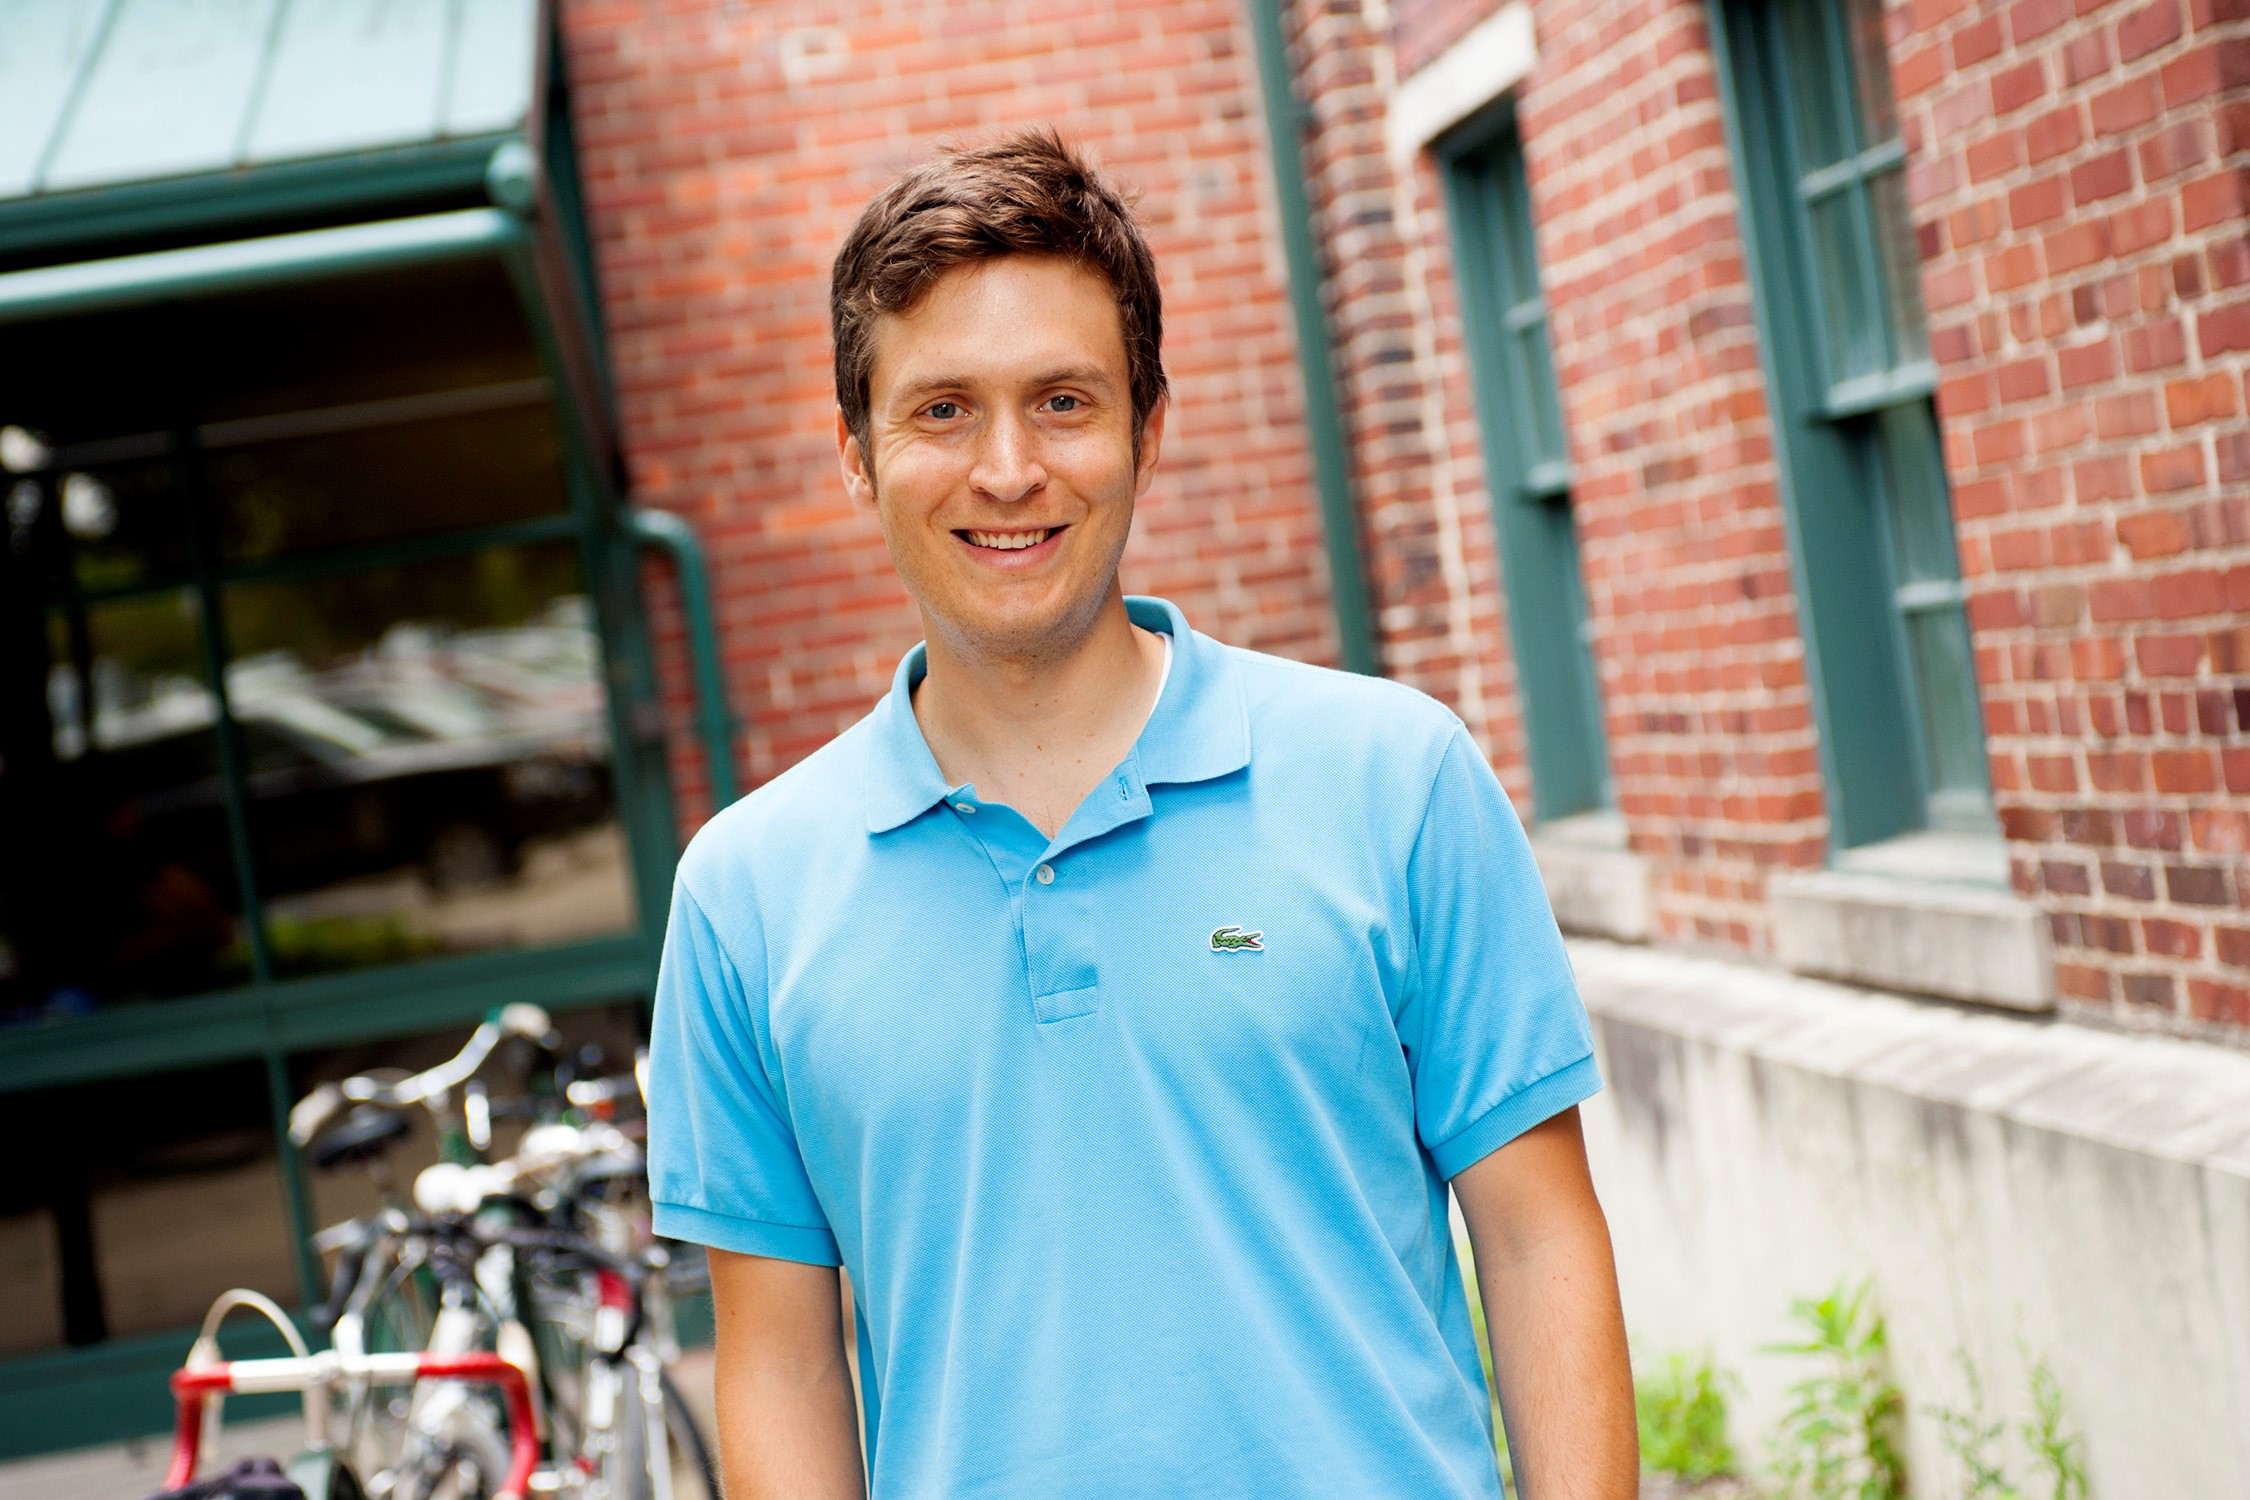 Andrew Bredeson